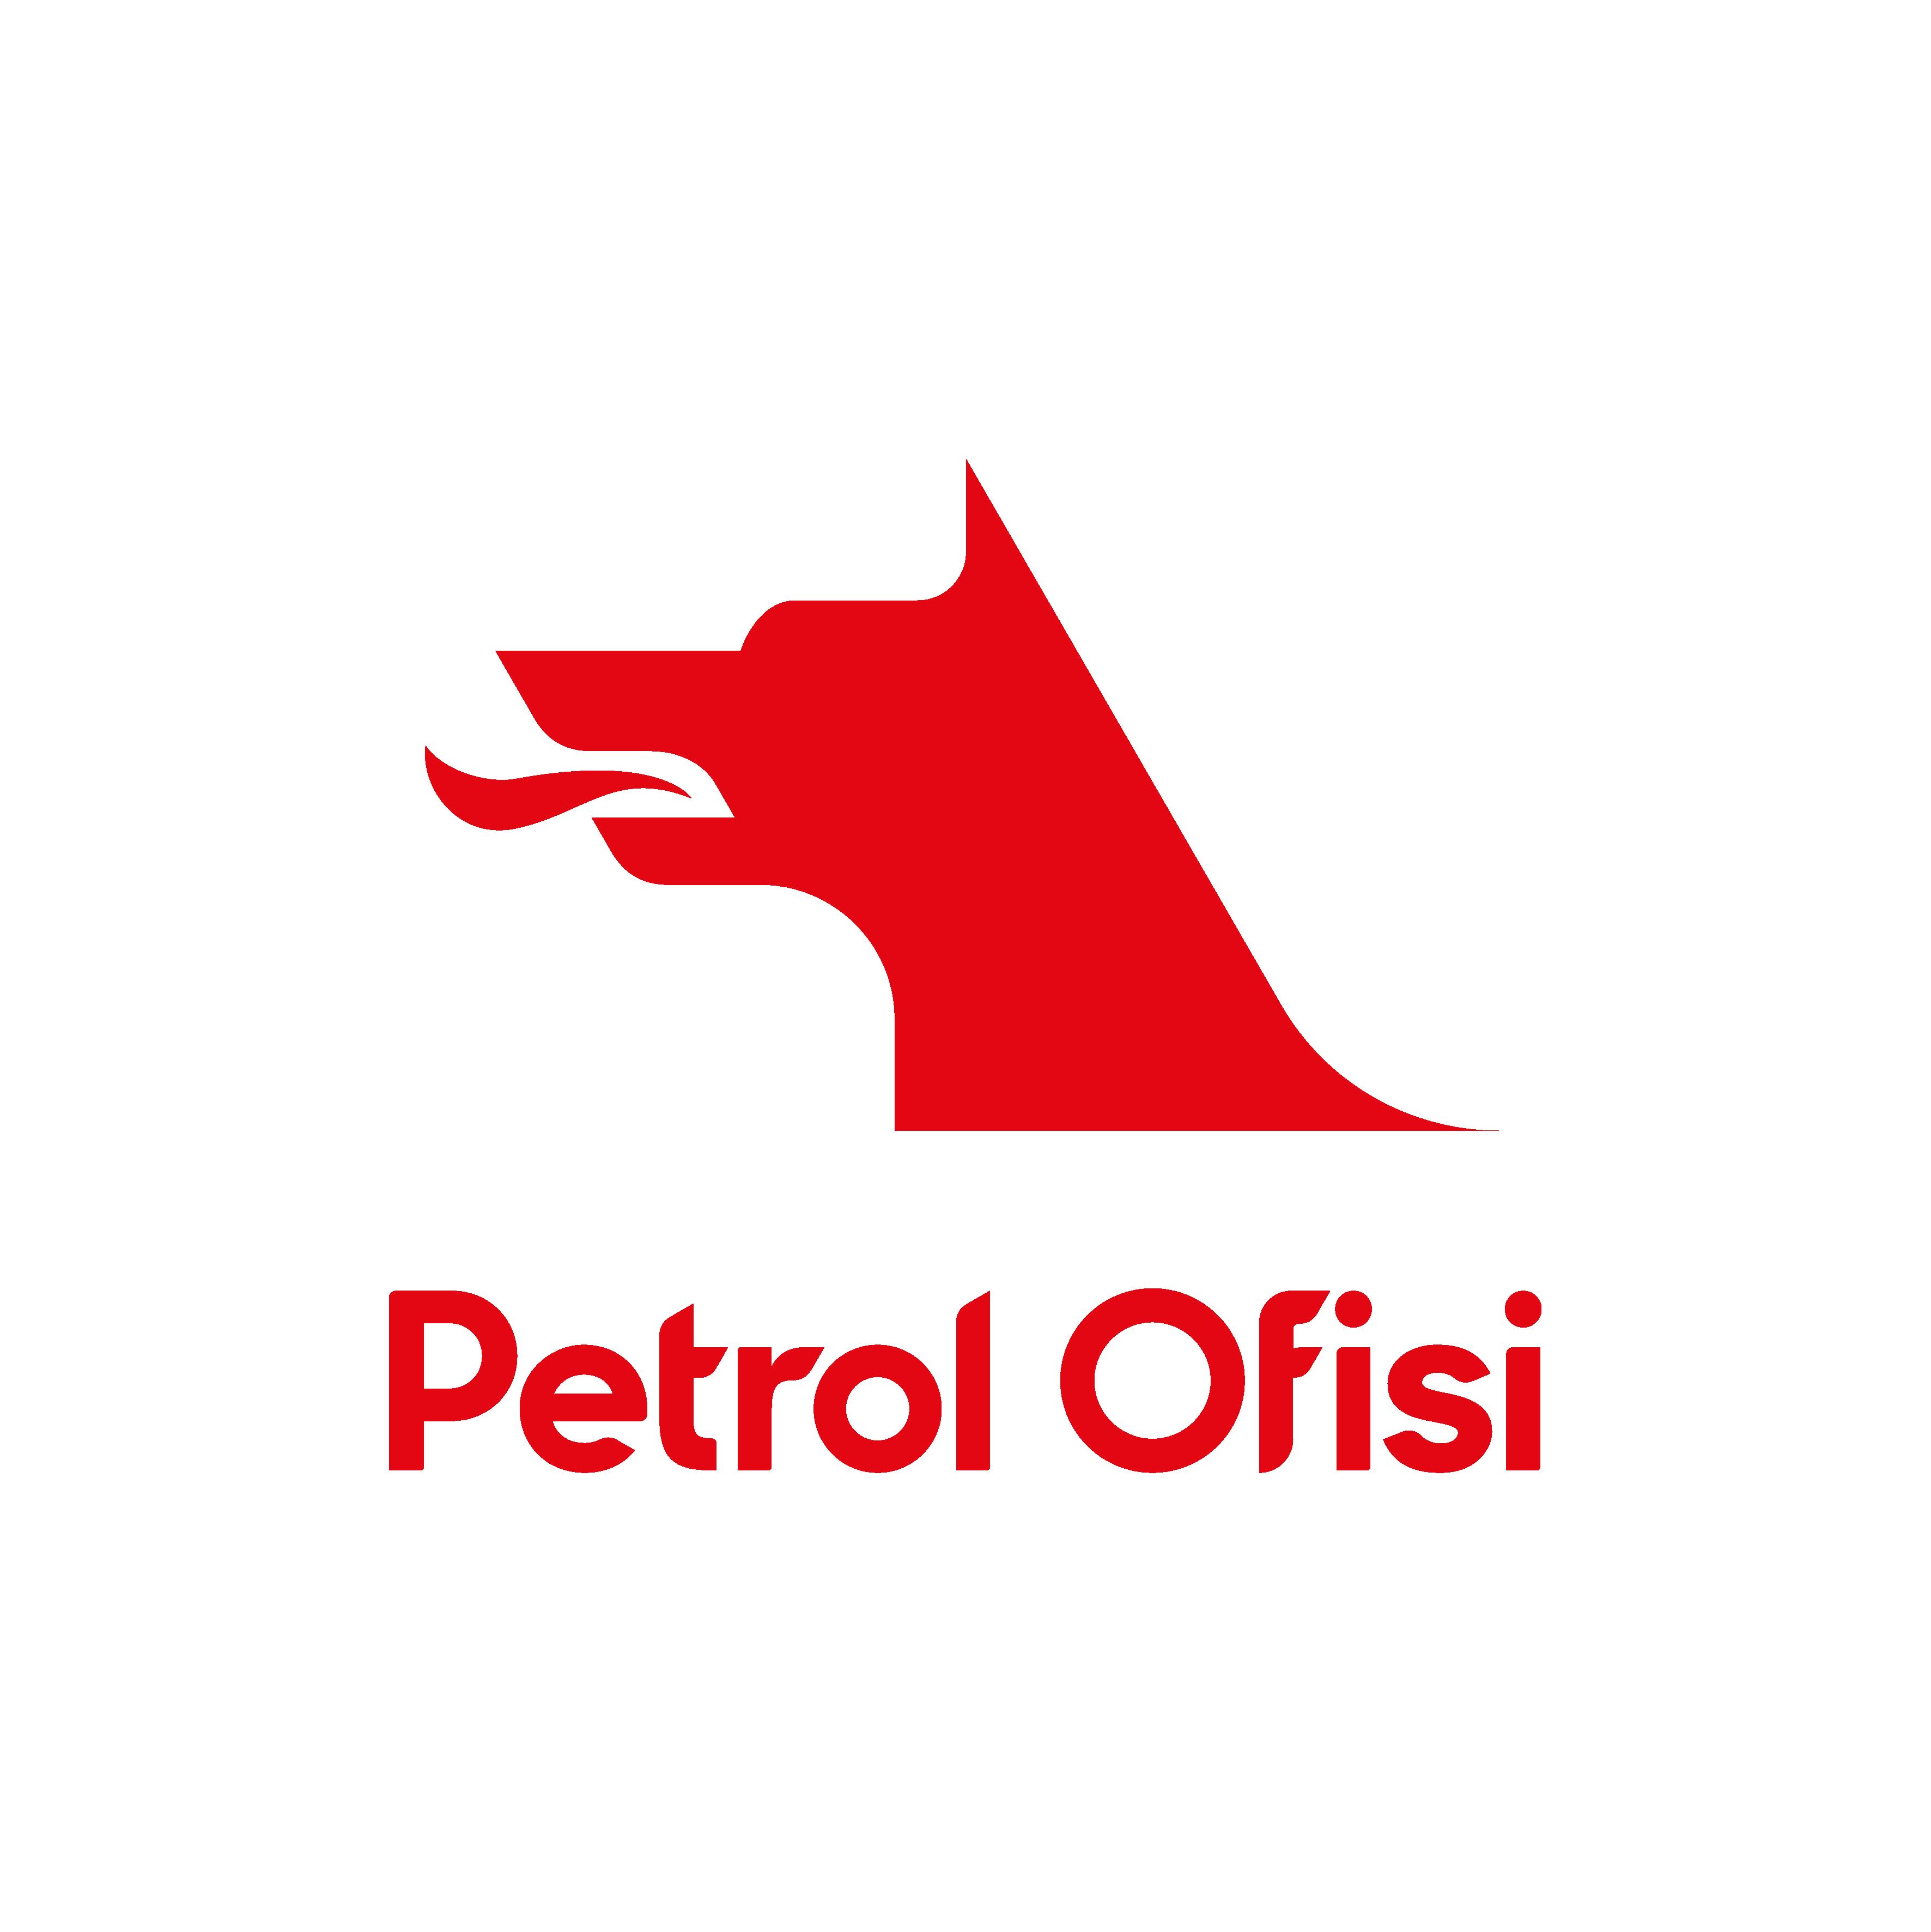 yabancılara satılmış dev Türk markaları: petrol ofisi